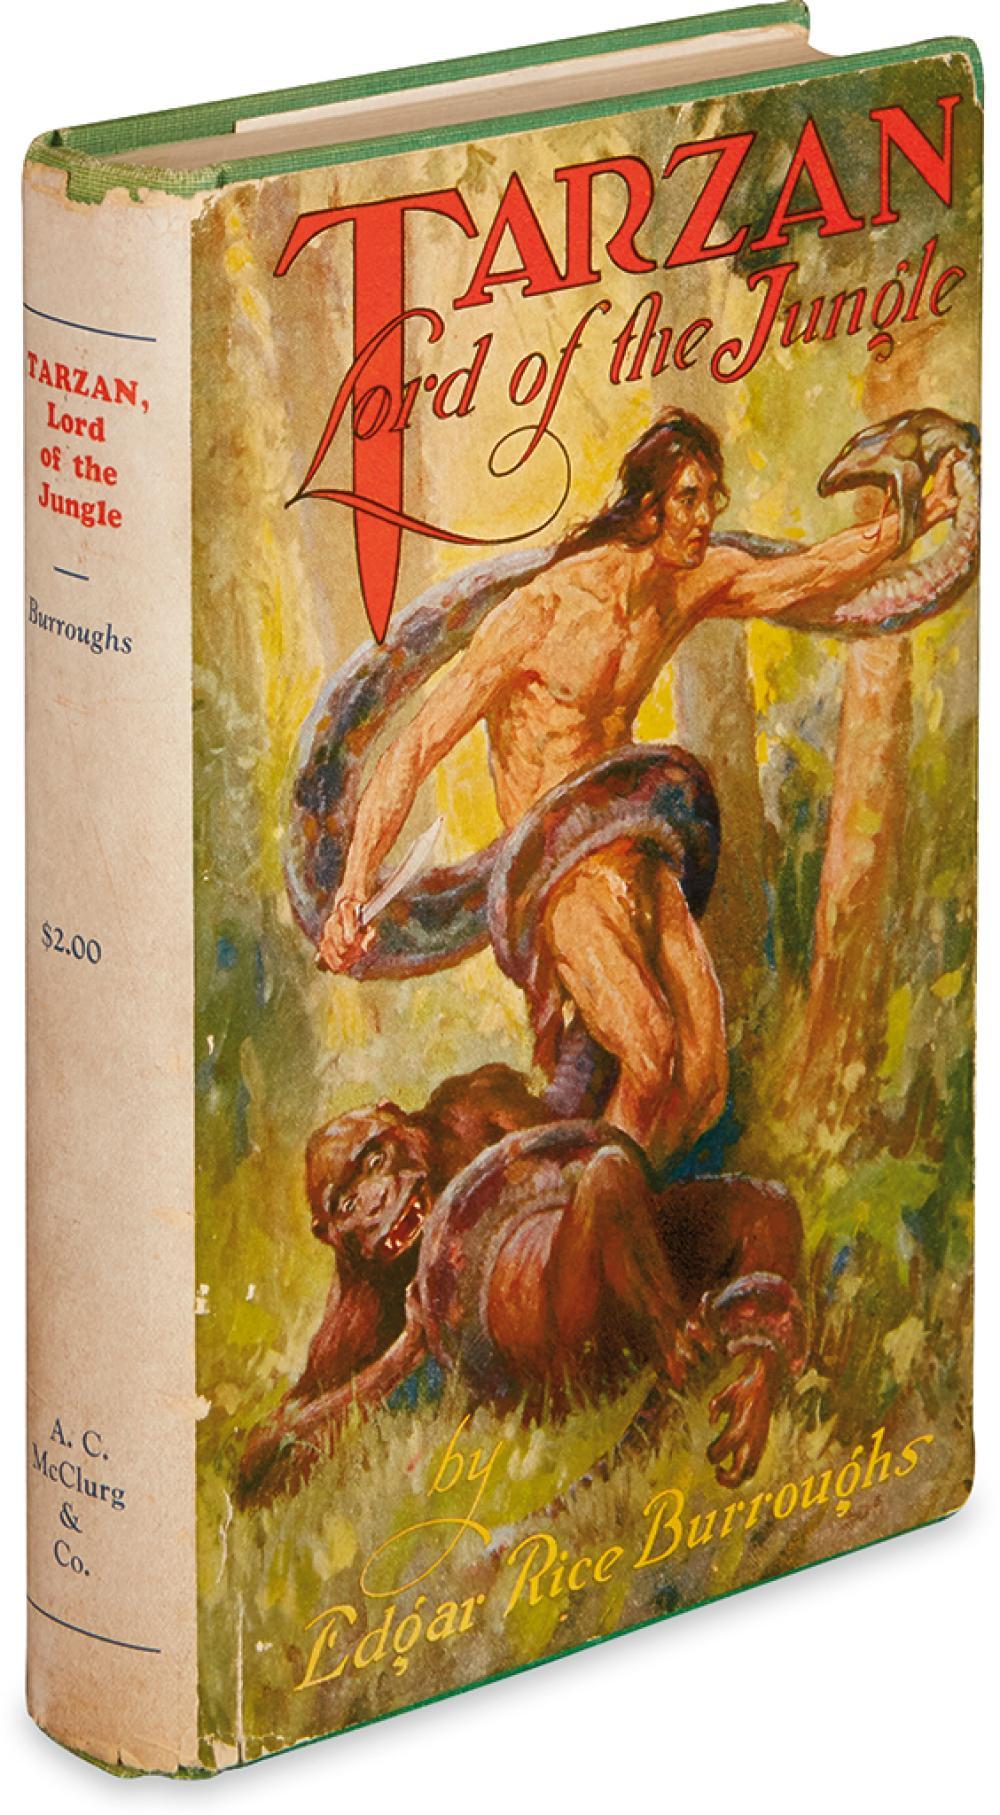 BURROUGHS, EDGAR RICE. Tarzan, Lord of the Jungle.